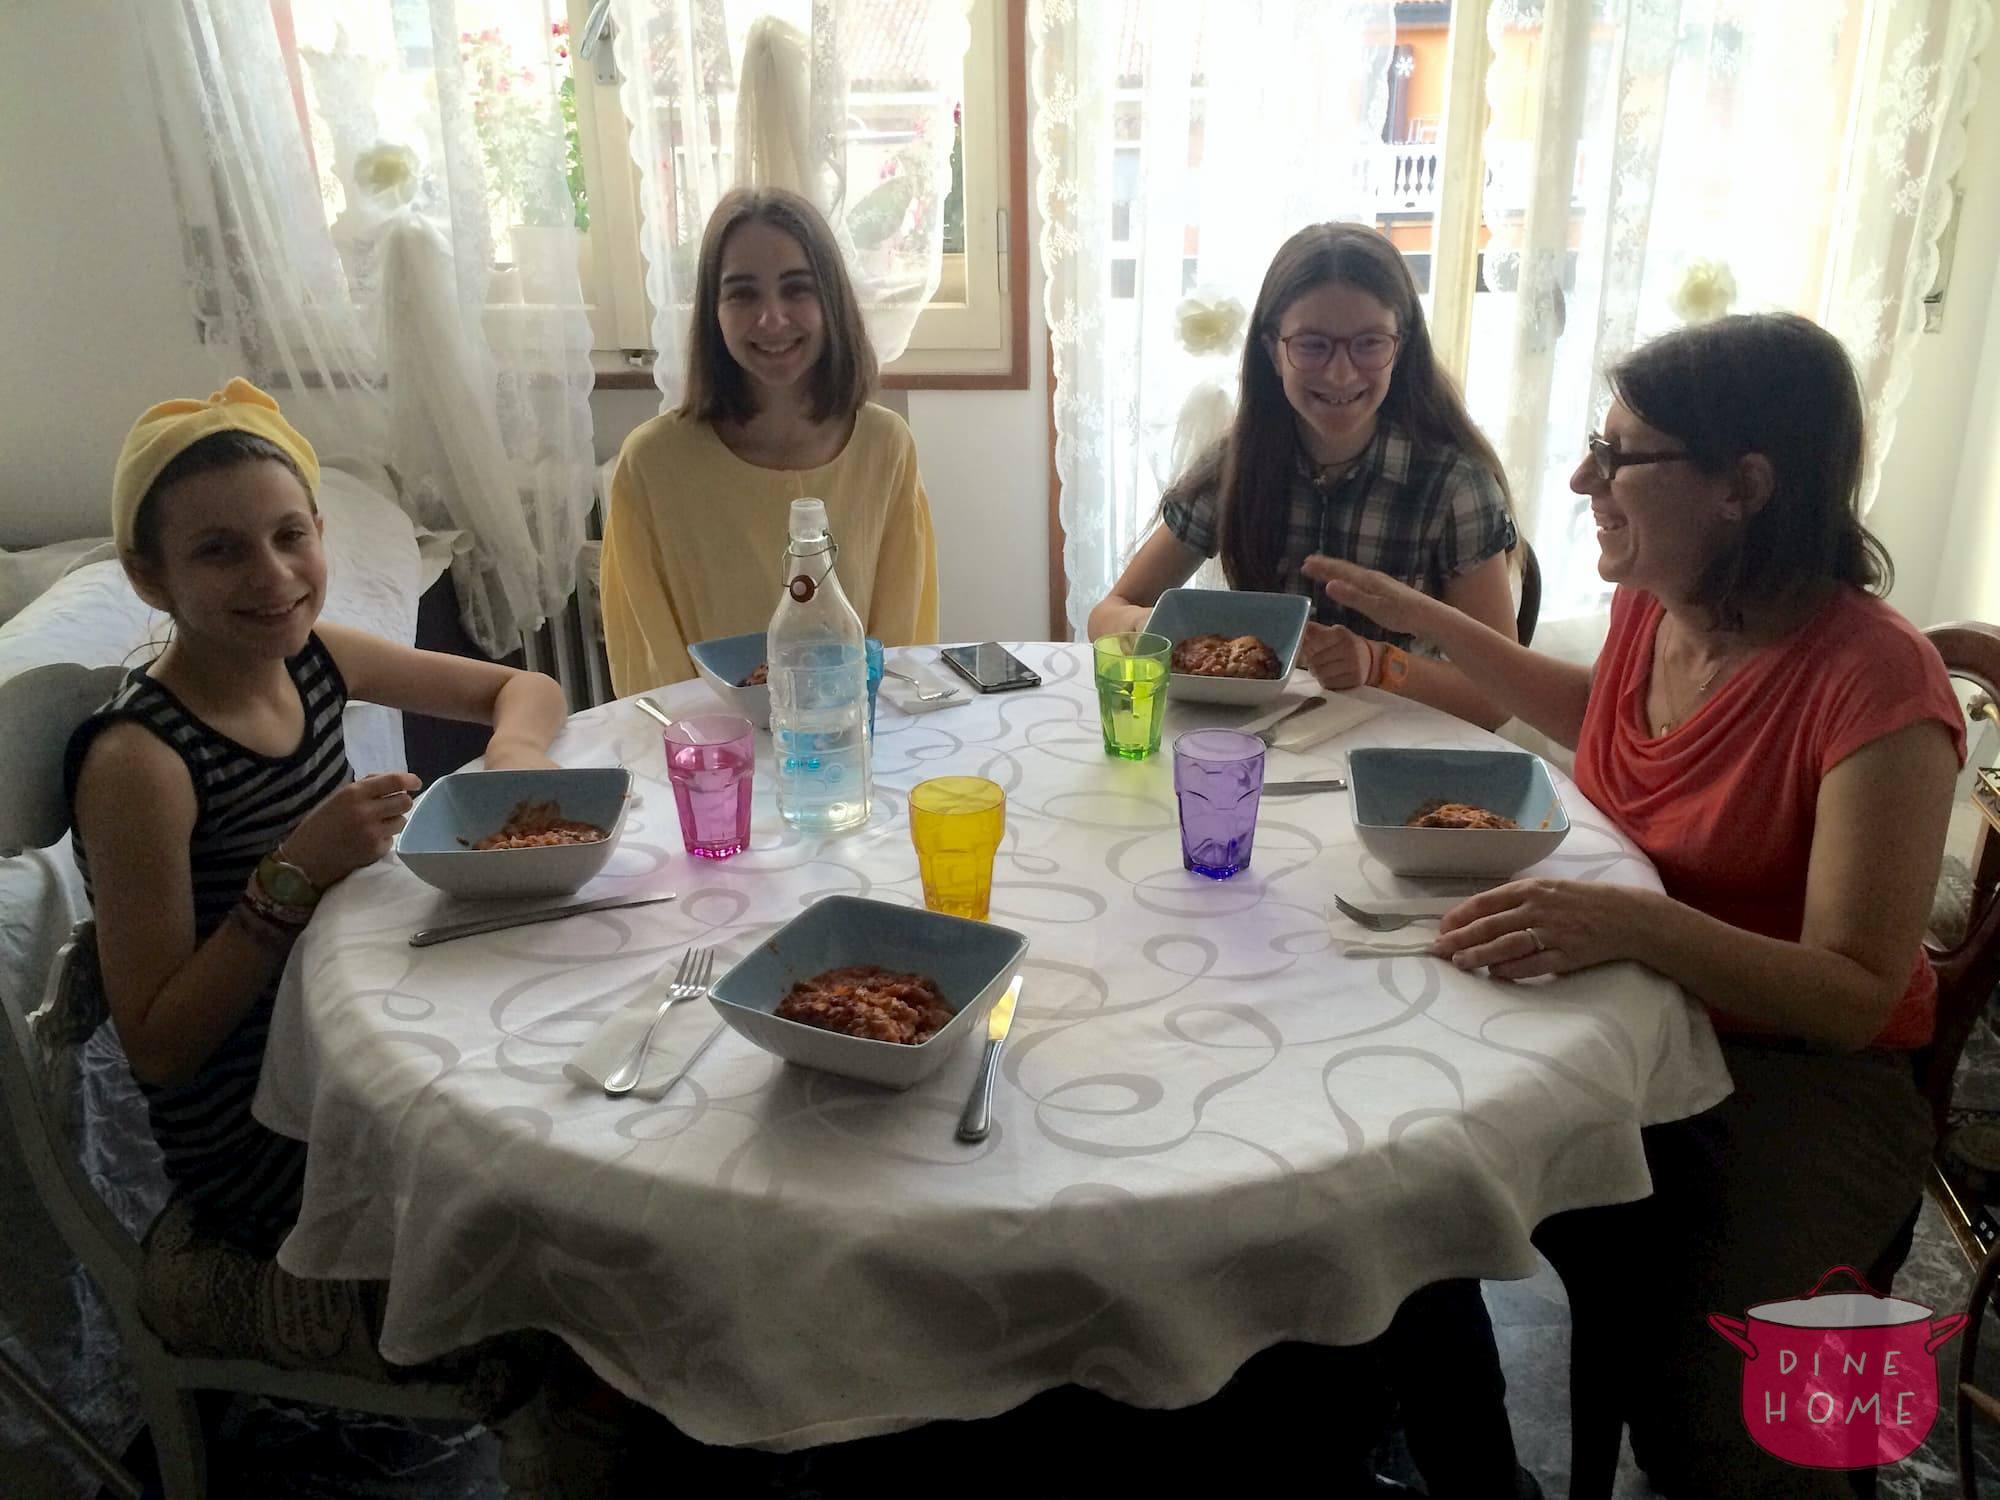 Desara, studentessa albanese, a cena dalla sua famiglia Dinehome.